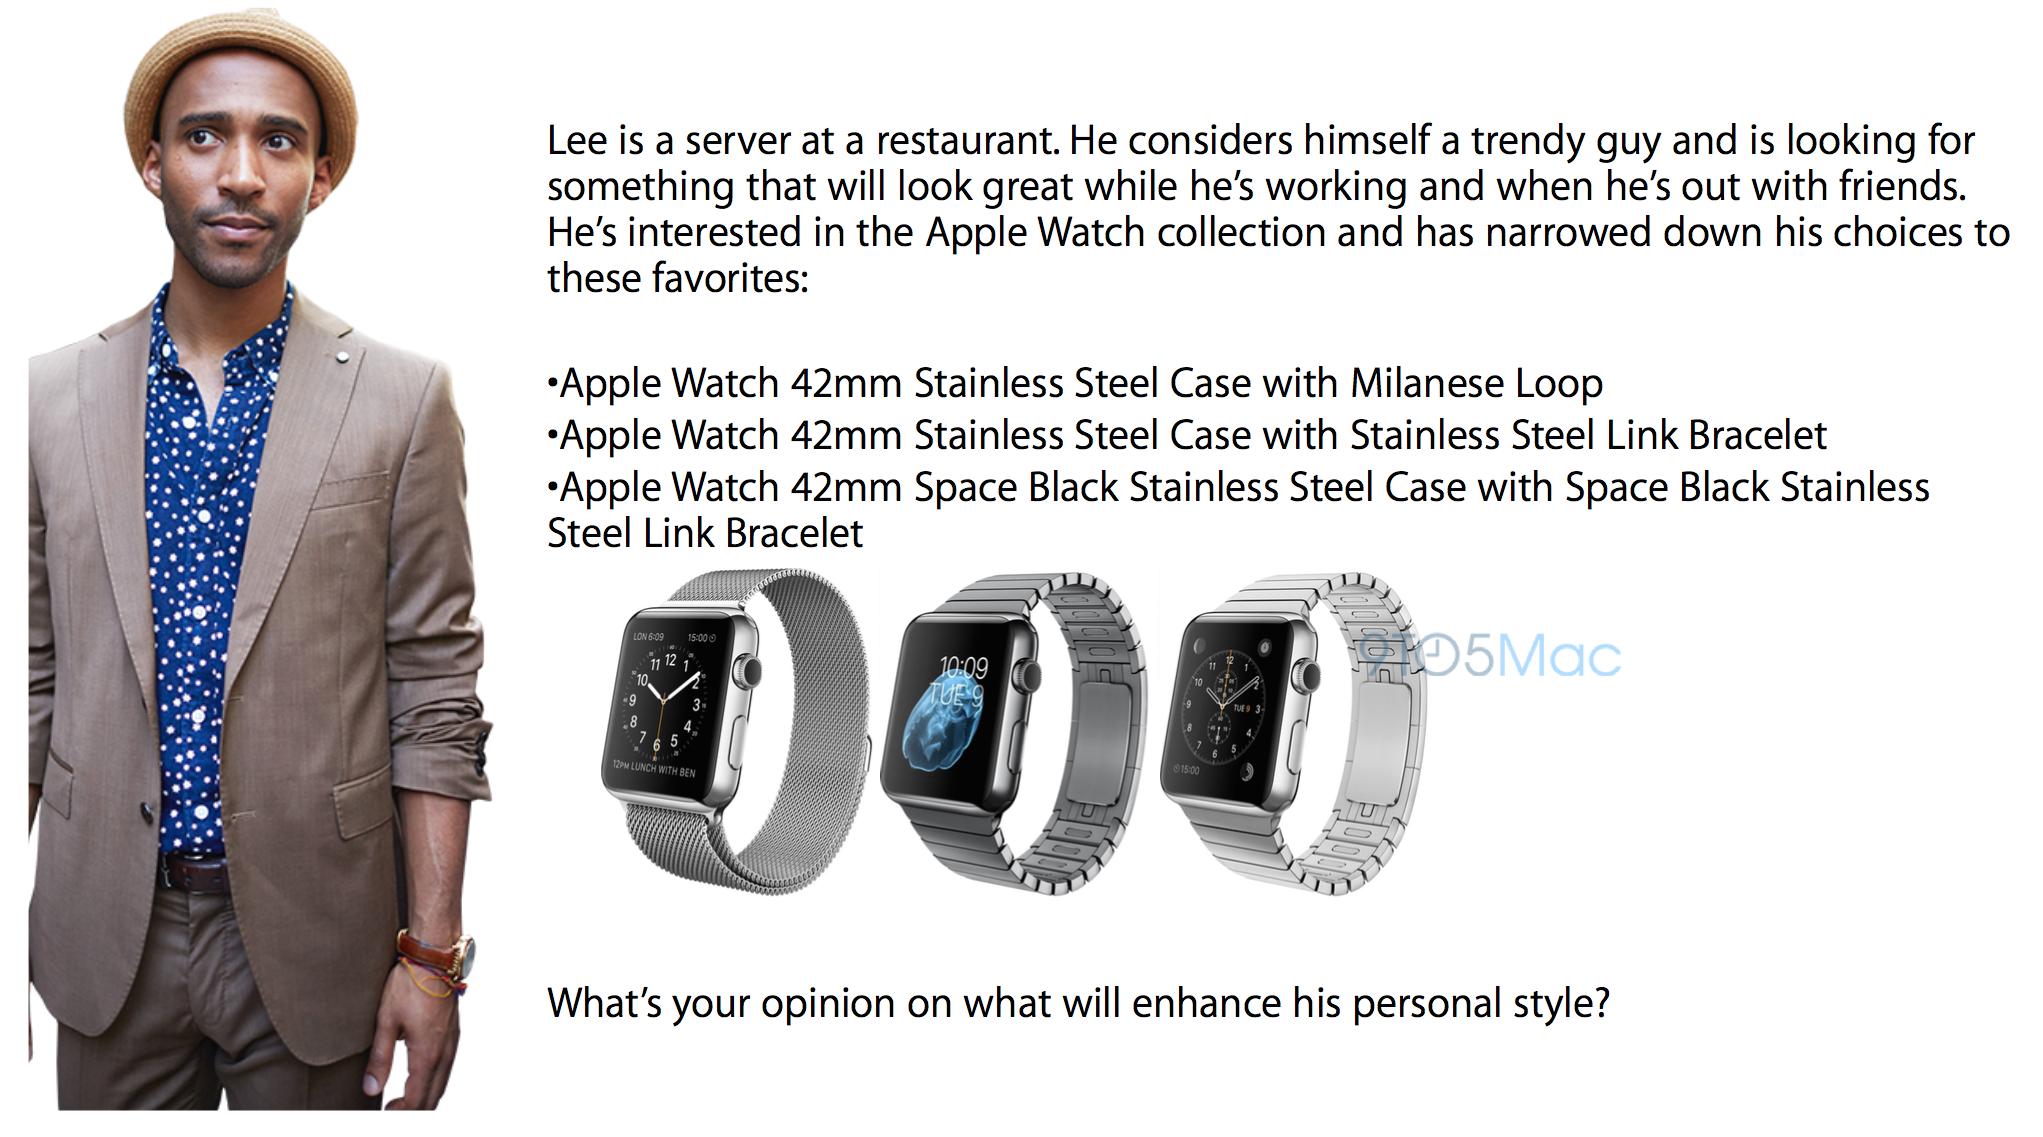 image de marque apple